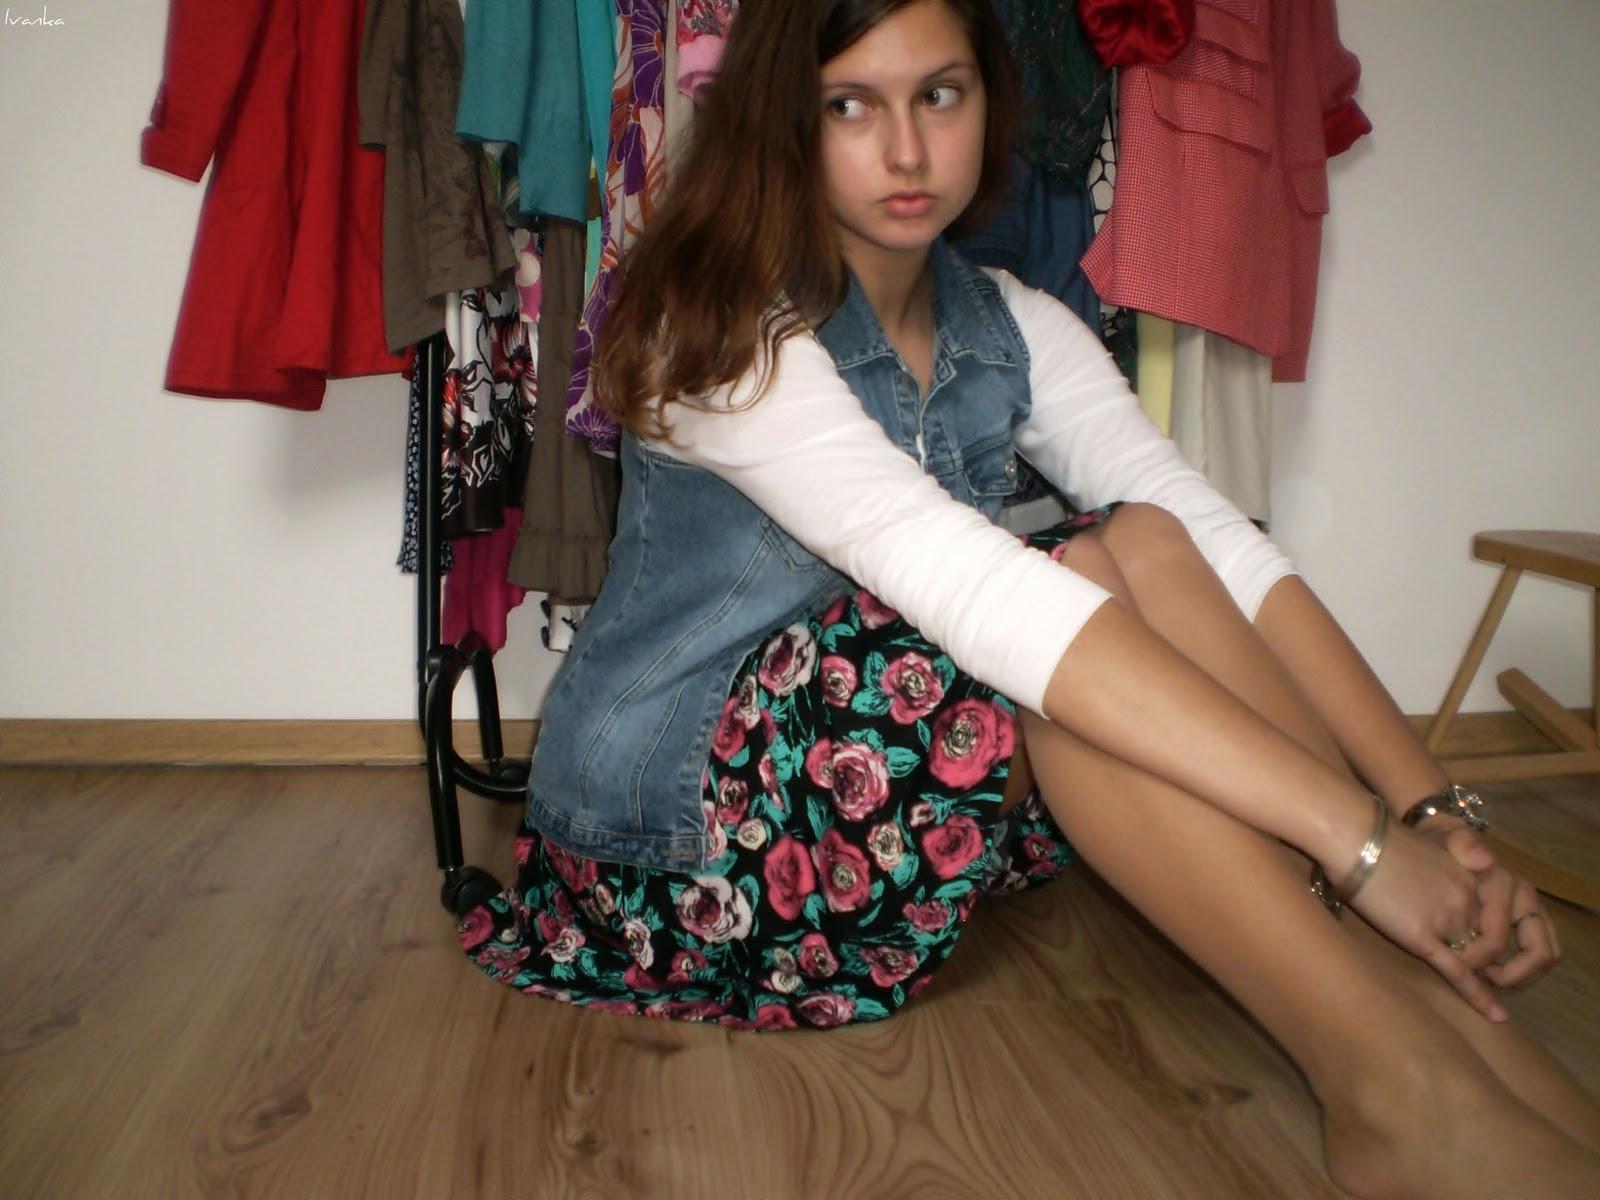 Pantyhose Fashion Blogs